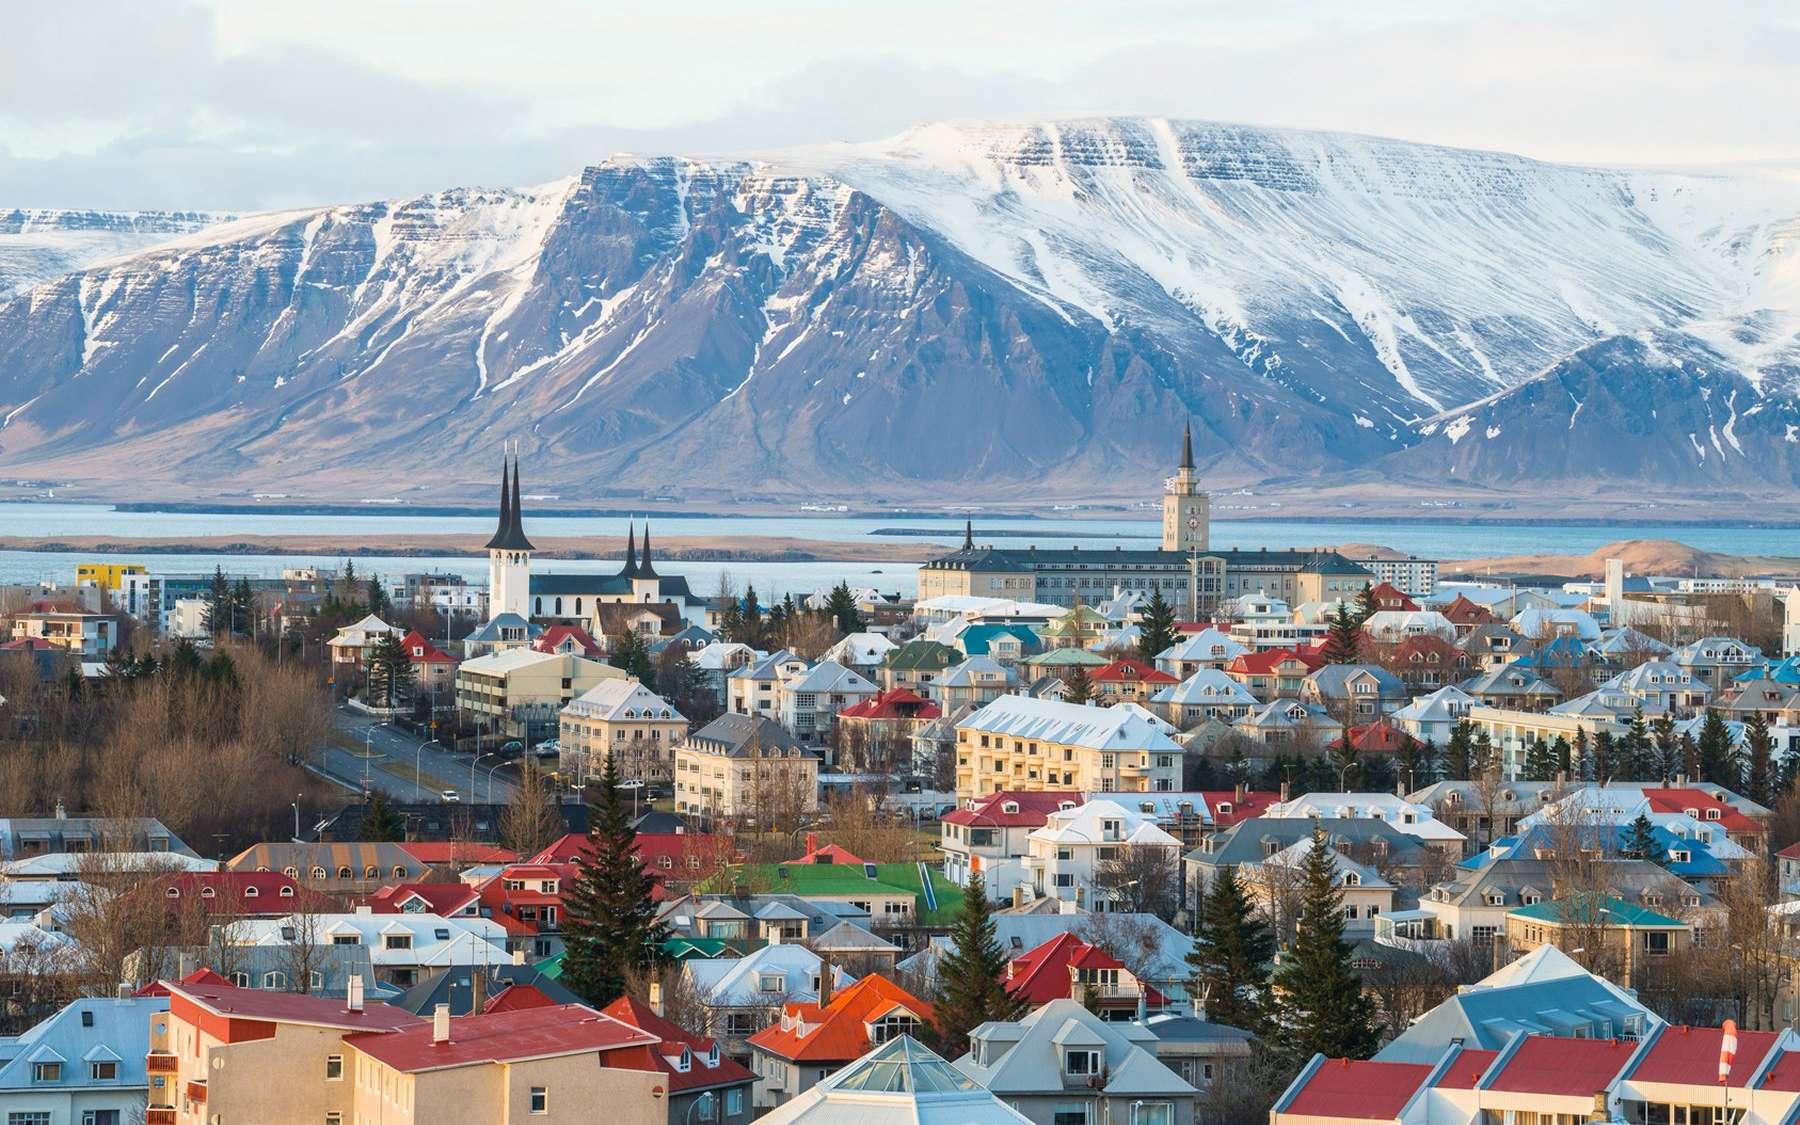 Reykjavik, la ville, capitale de l'Islande, offre à ses habitants (peu nombreux) une vaste surface de verdure. © boyloso, Fotolia